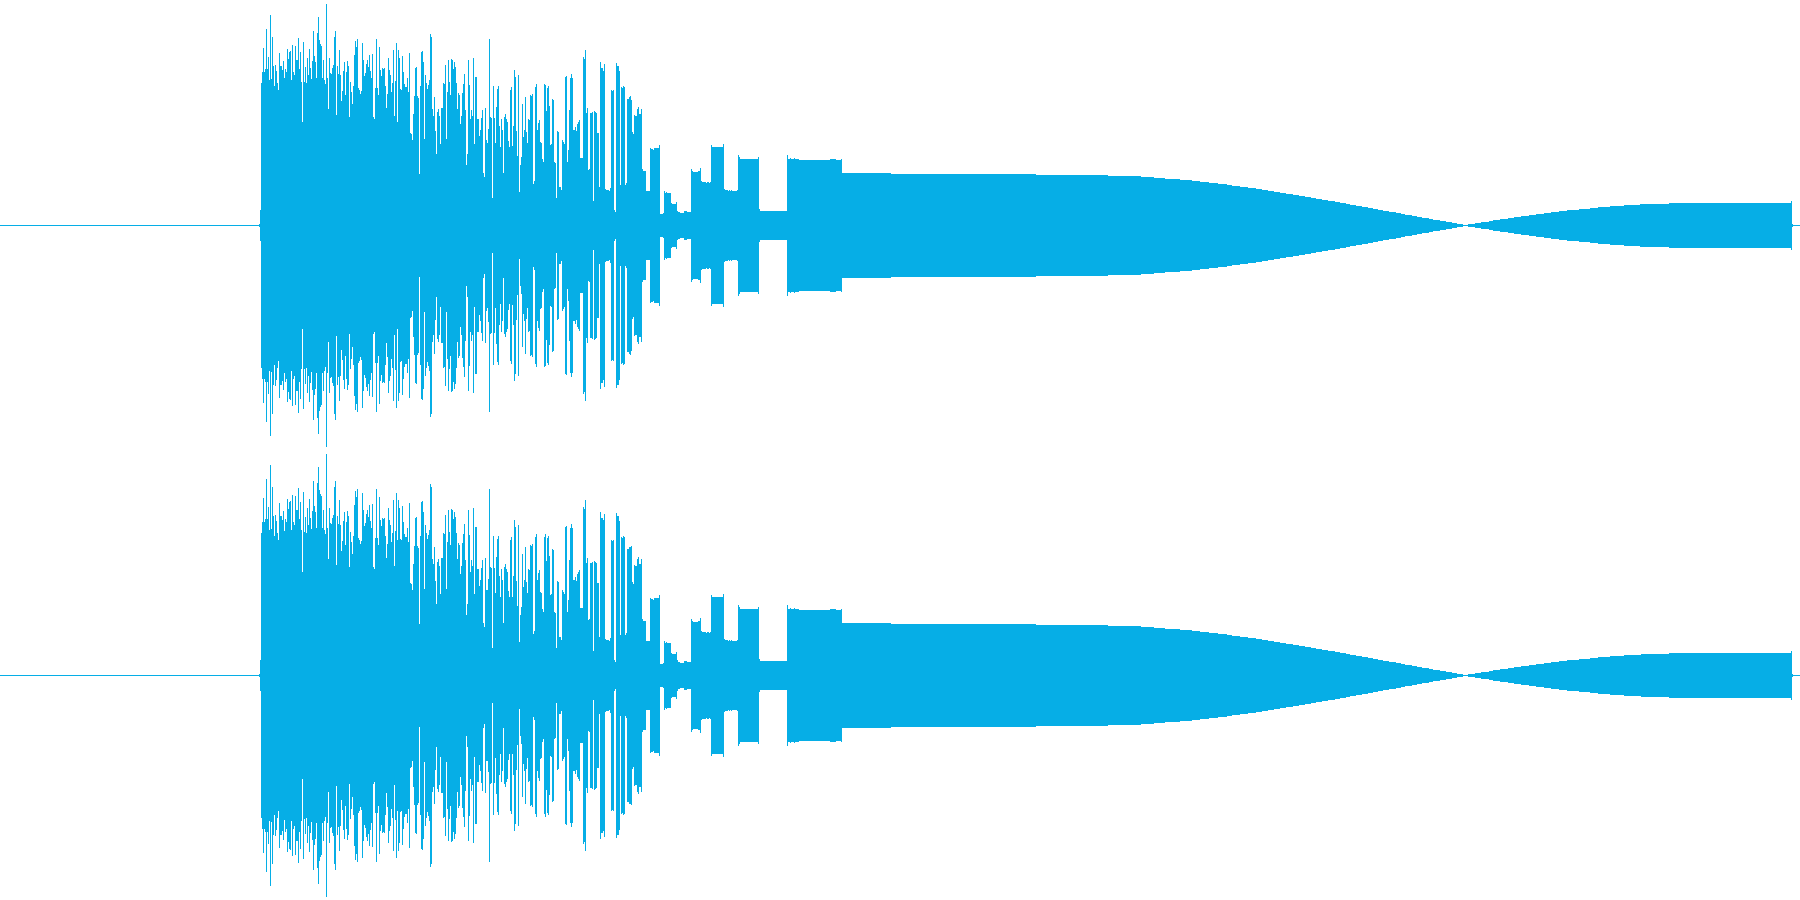 ファミコン風攻撃音ですの再生済みの波形